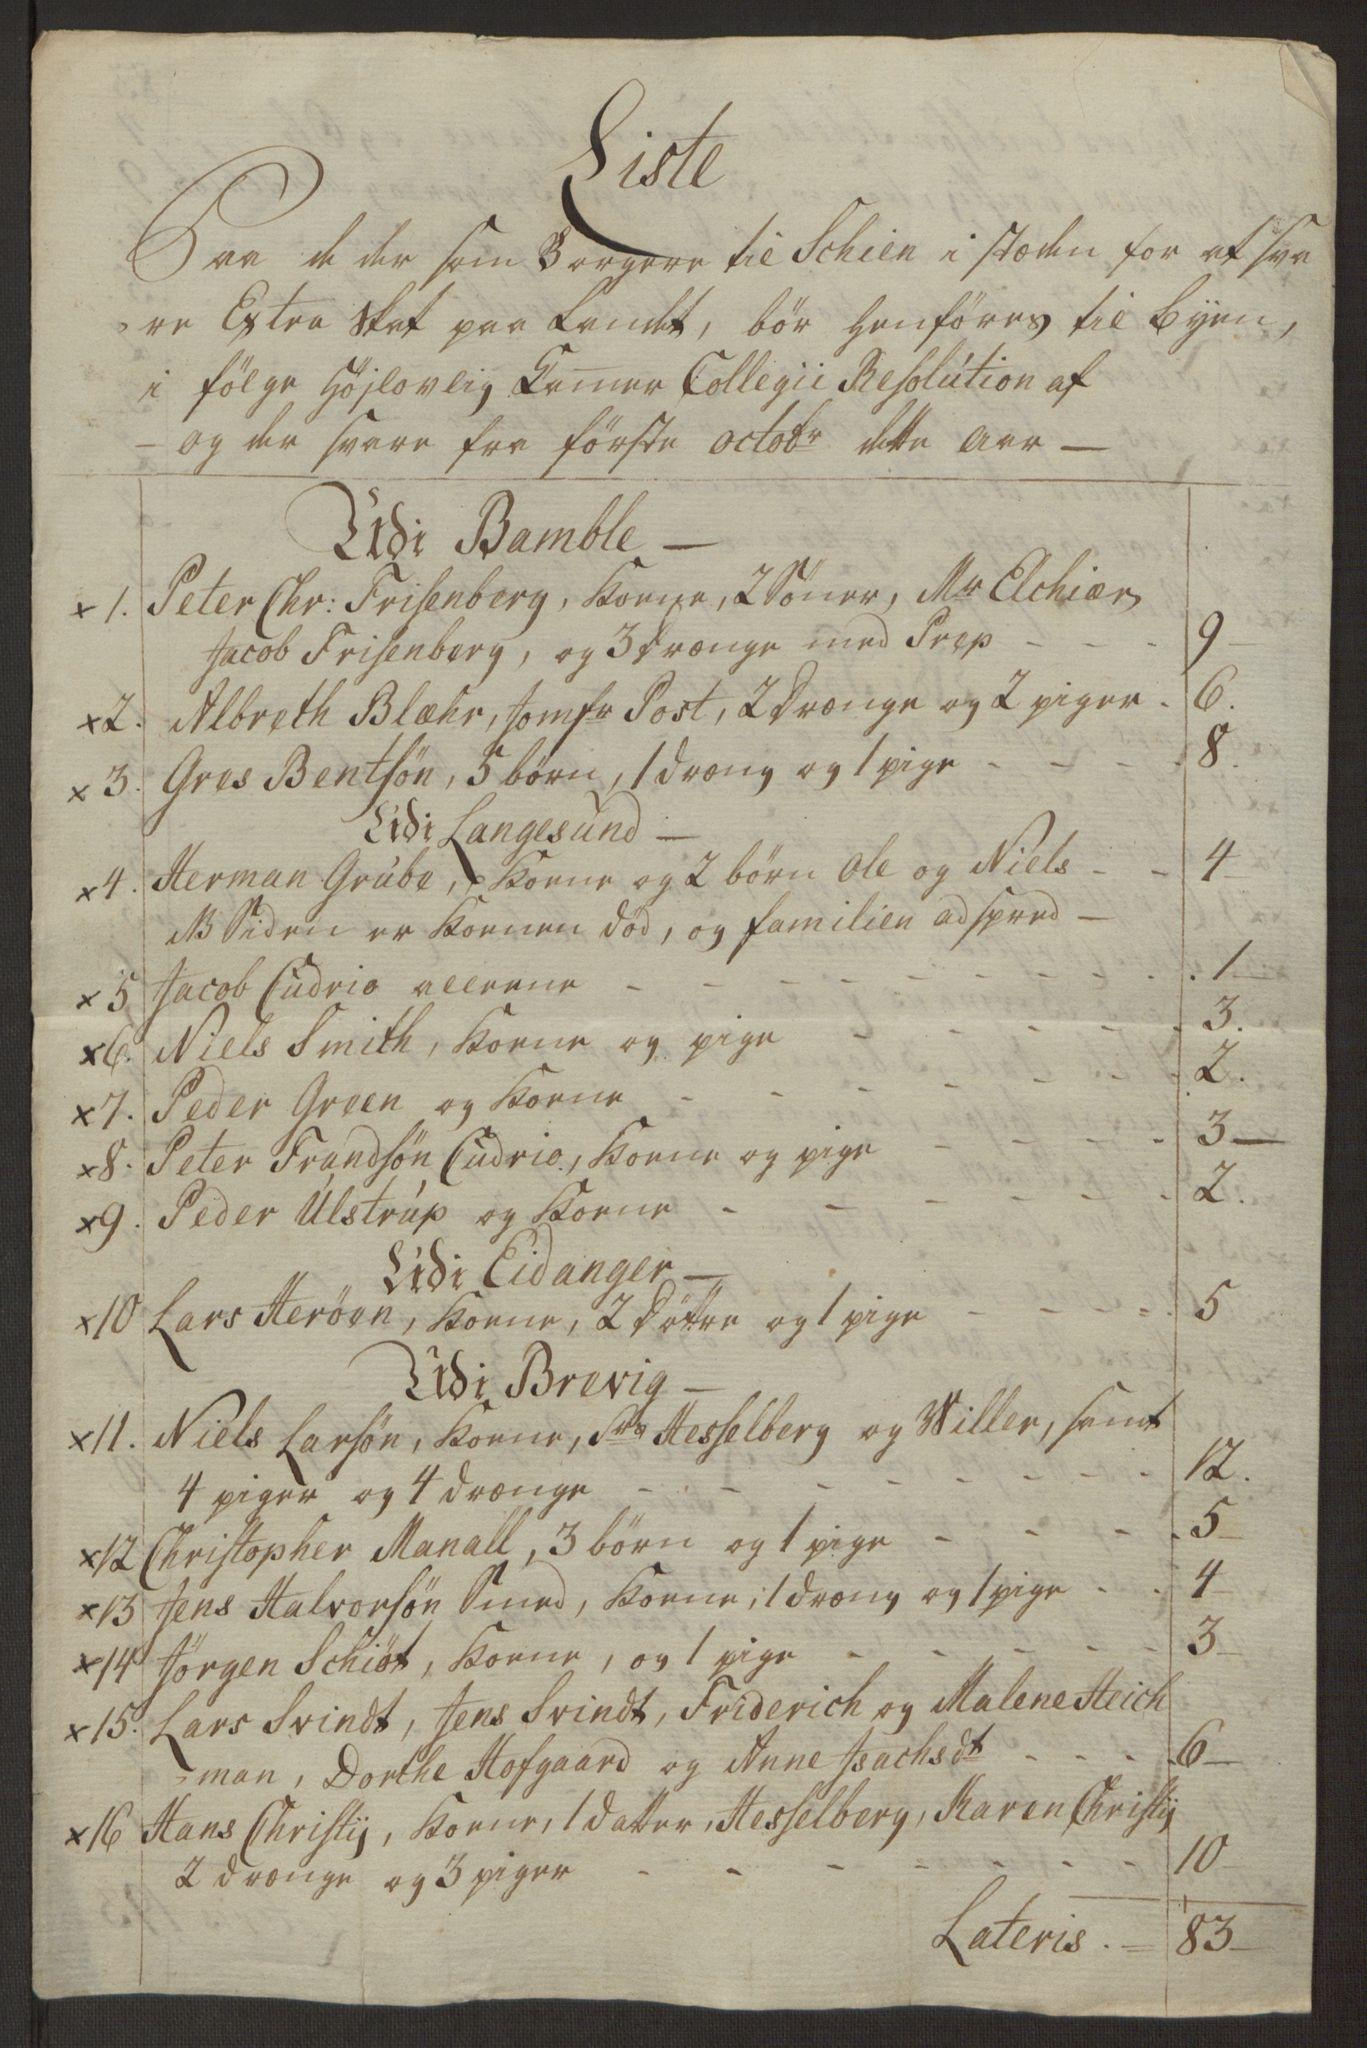 RA, Rentekammeret inntil 1814, Reviderte regnskaper, Byregnskaper, R/Rj/L0198: [J4] Kontribusjonsregnskap, 1762-1768, s. 464